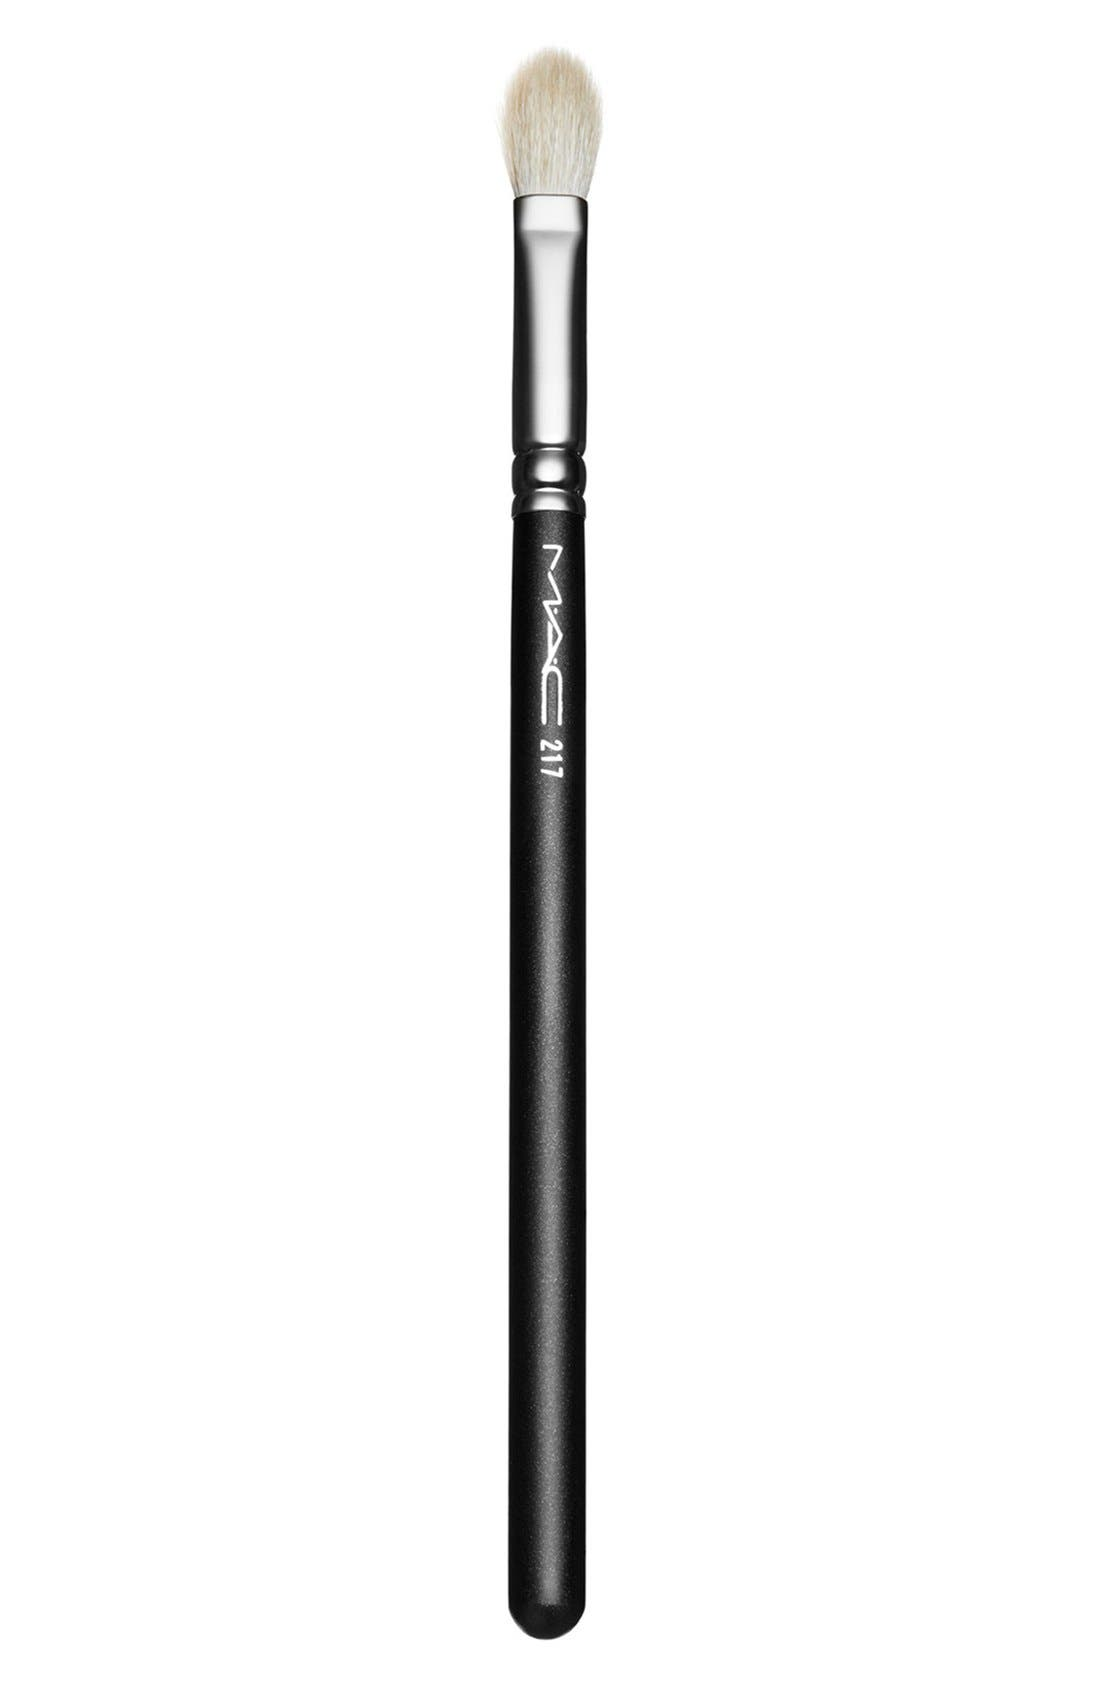 MAC 217 Blending Brush,                         Main,                         color, 000